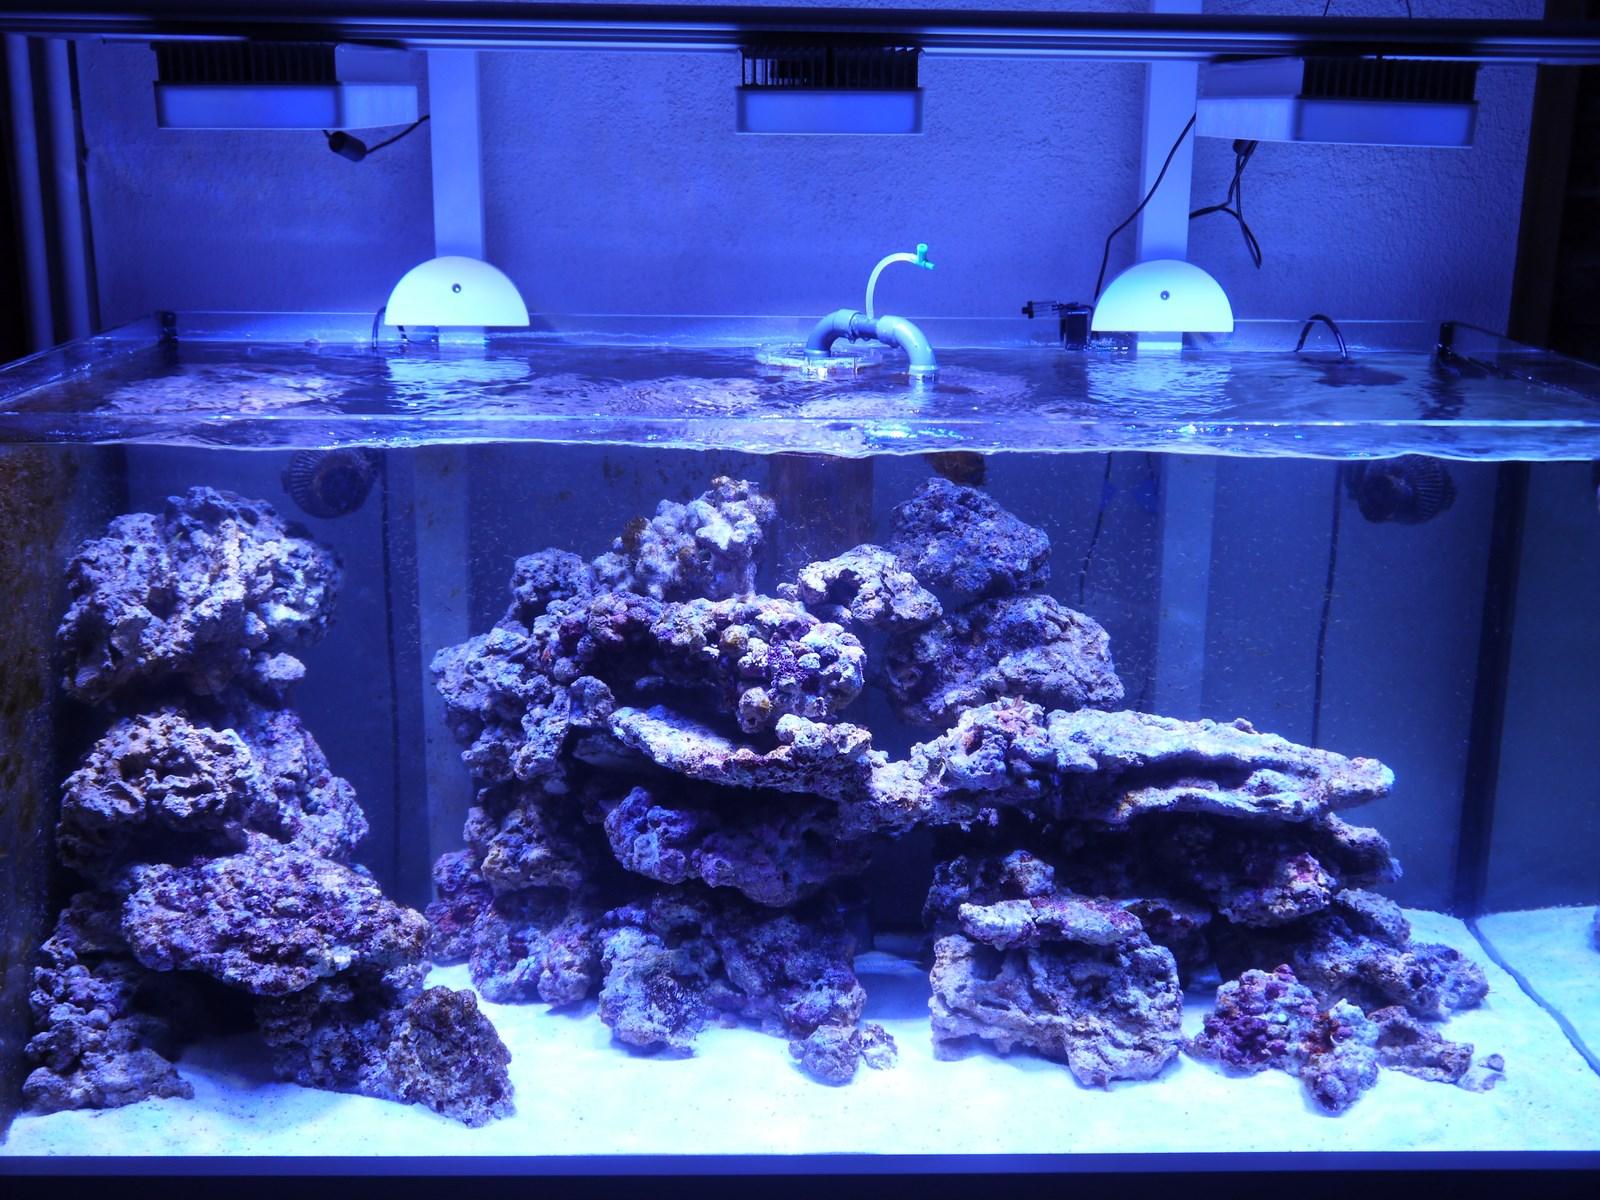 p1030051-3fae801 Frais De Aquarium Recifal Complet Concept